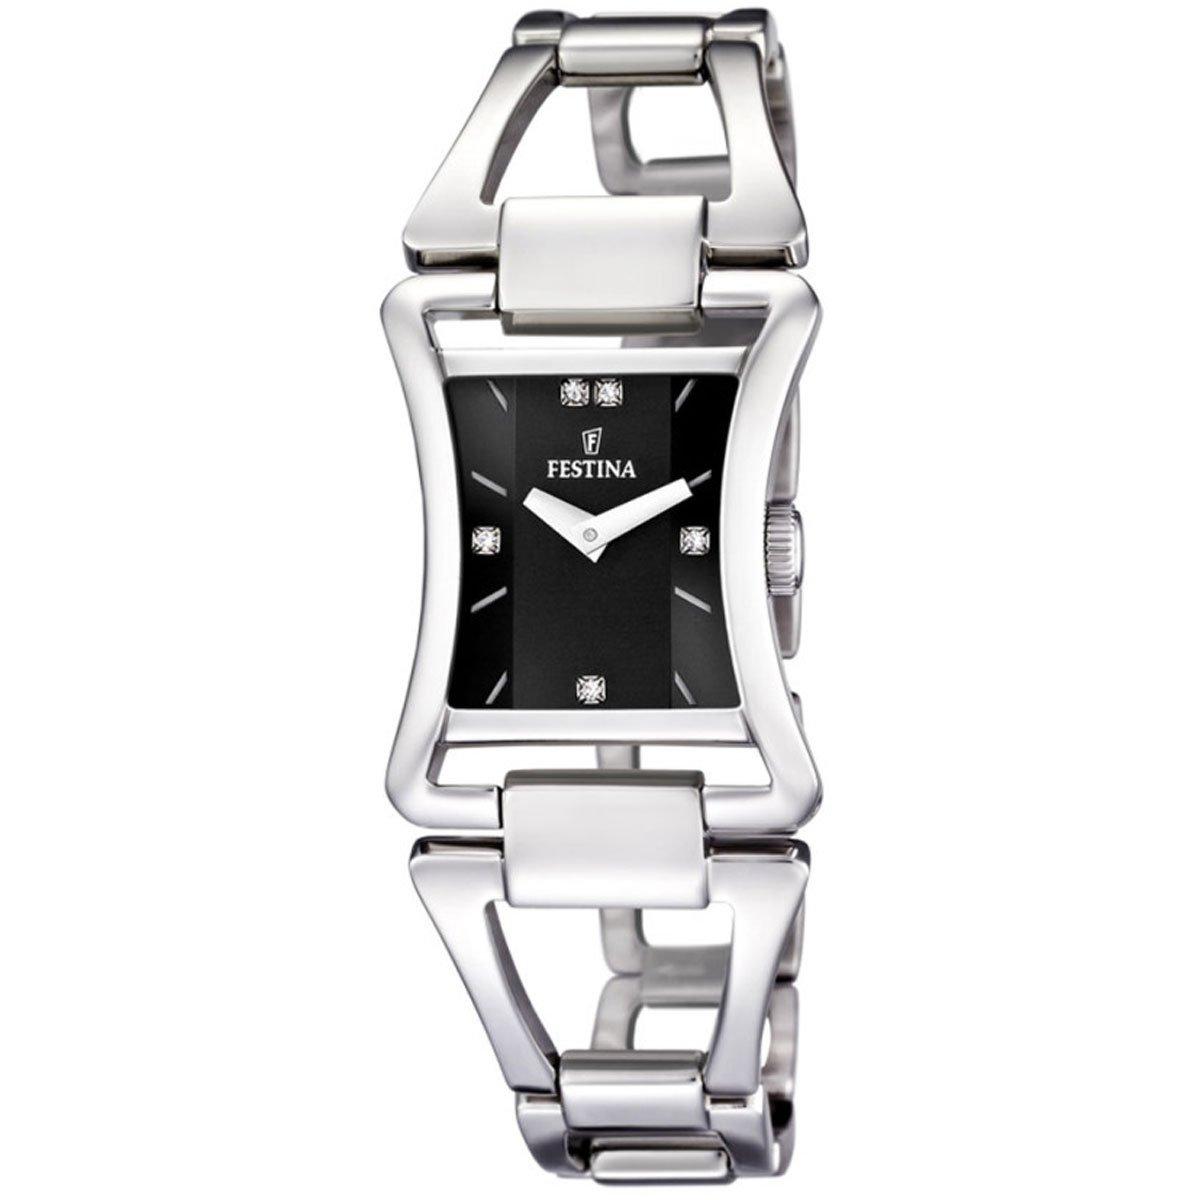 Bracelet F165964 Analogique Festina Femme Montre Quartz TcFK13lJ